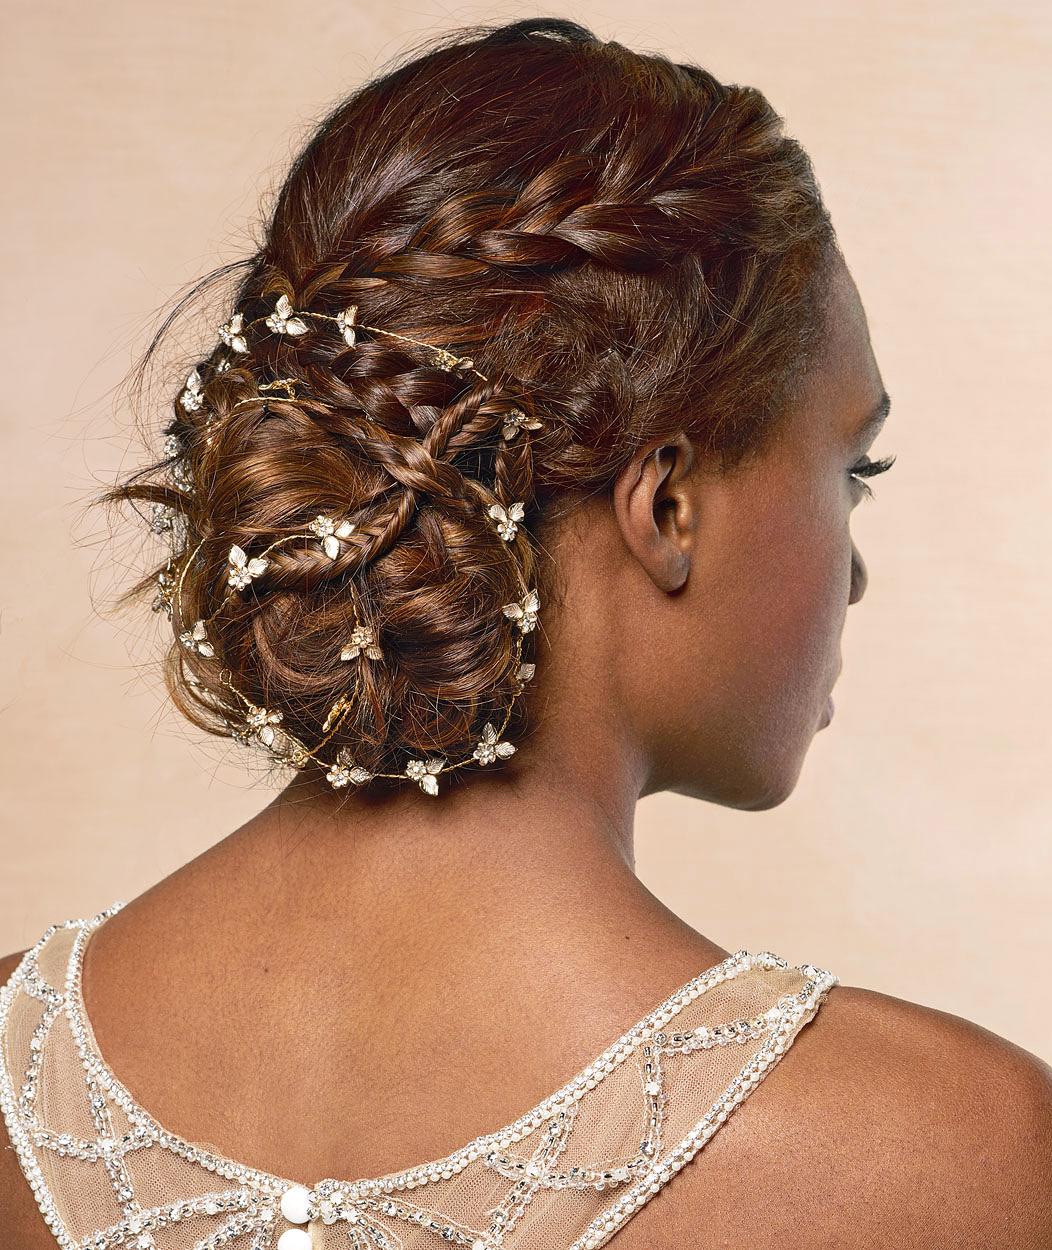 multi-braid bun hairstyle